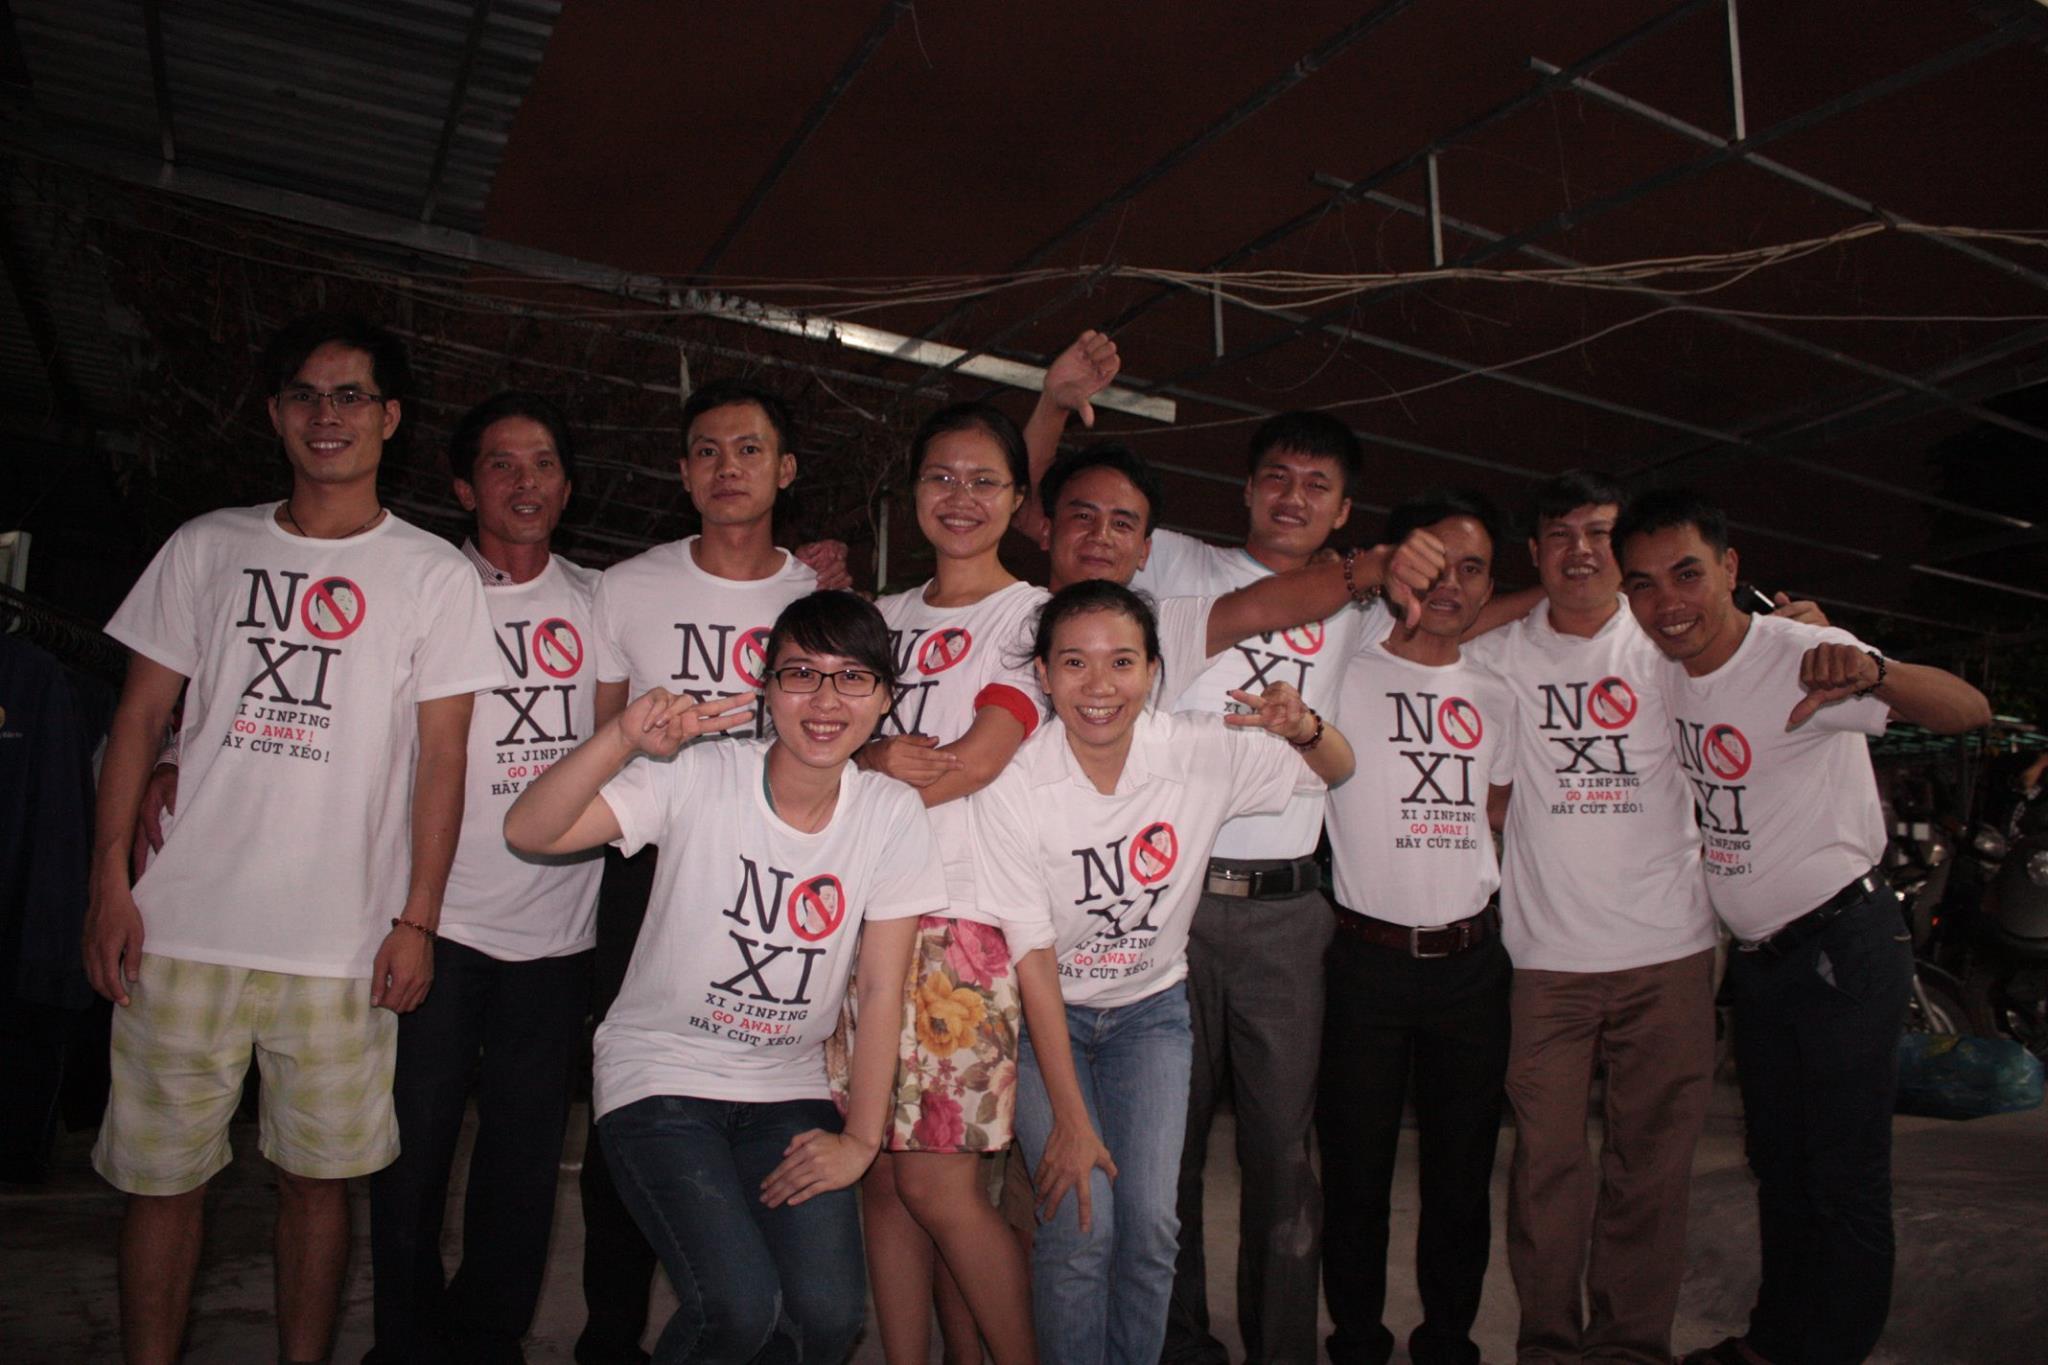 """Thông điệp """"No Xi"""" phản đối Tập Cận Bình lan rộng trên mạng"""